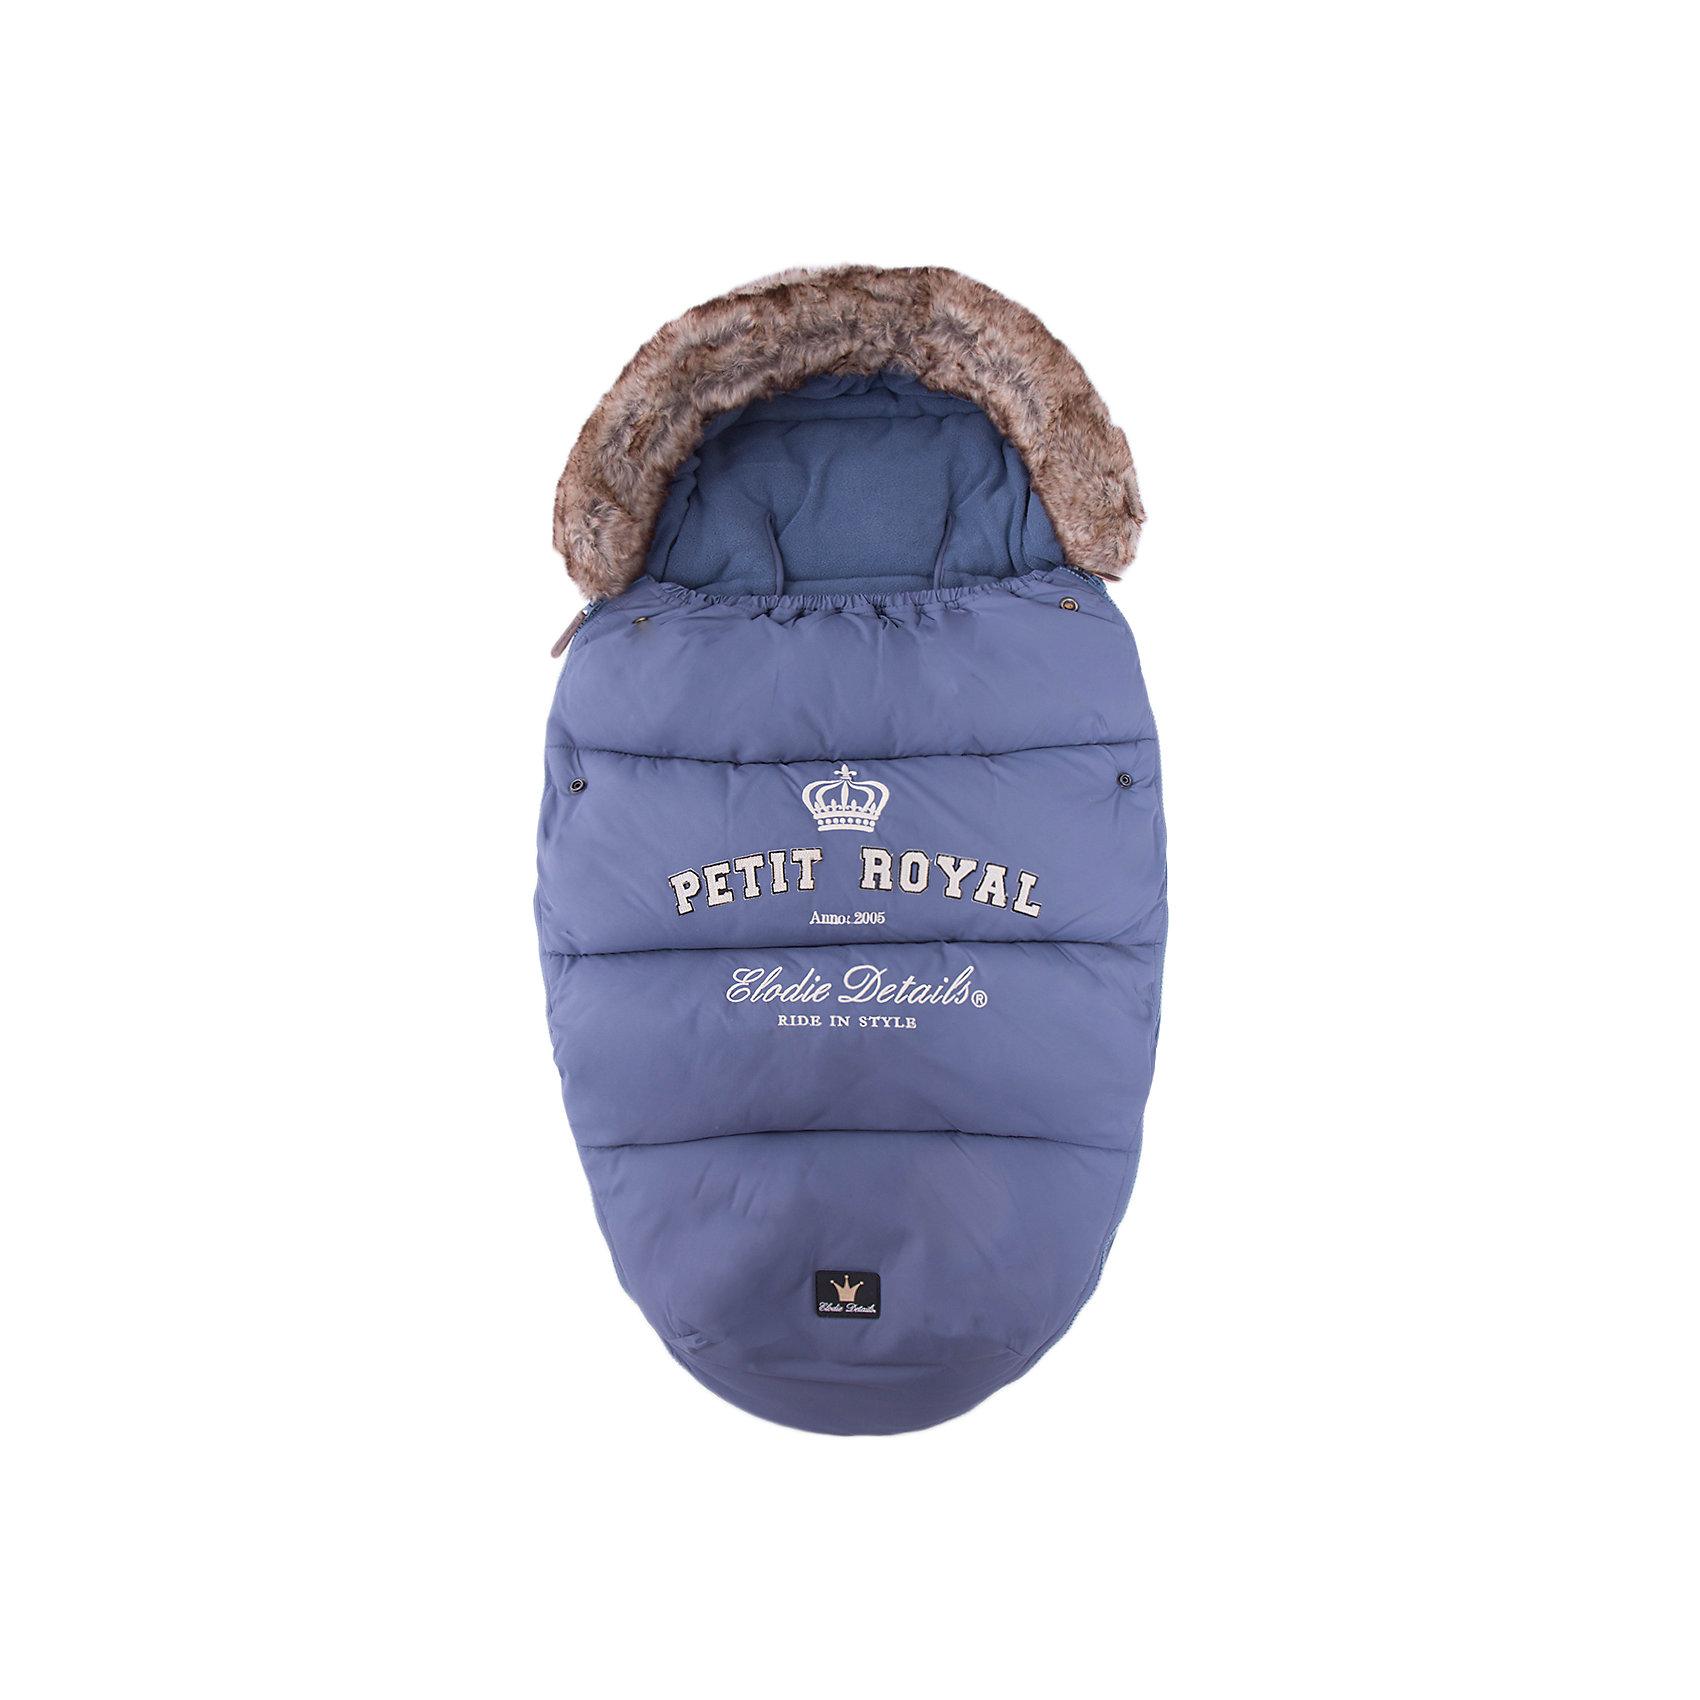 Конверт зимний с опушкой Petit Royal Blue, Elodie DetailsЗимние конверты<br>Конверт зимний с опушкой Petit Royal Blue, Elodie Details (Элоди Дитейлс)<br><br>Характеристики:<br><br>• водо- и ветронепроницаемый материал<br>• теплая флисовая подкладка<br>• верх-капюшон<br>• молния с двух сторон<br>• прорези для 4-точечных ремней безопасности<br>• подходит для всех колясок, в том числе прогулочных<br>• размер: 53х110 см<br>• материал верха: нейлон<br>• материал подкладки: флис<br>• подходит для ручной и автоматической стирки<br>• цвет: синий<br><br>Каждая прогулка должна проходить с комфортом для малыша. Зимний конверт Petit Royal защитит кроху от мороза и холодного ветра. Верх конверта изготовлен из нейлона, который не пропустит воду и ветер внутрь. Подкладка из мягкого флиса согреет малыша и сохранит тепло в течение всей прогулки. Верх конверта можно использовать в качестве капюшона, защищающего от холодного и сильного ветра. Конверт имеет удобную форму и не стесняет движений ребенка. Кроме того, конверт отлично подходит для всех колясок, в том числе и прогулочных. Подарите малышу уют и тепло во время зимних прогулок!<br><br>Конверт зимний с опушкой Petit Royal Blue, Elodie Details (Элоди Дитейлс) вы можете купить в нашем интернет-магазине.<br><br>Ширина мм: 1100<br>Глубина мм: 530<br>Высота мм: 60<br>Вес г: 900<br>Возраст от месяцев: 0<br>Возраст до месяцев: 12<br>Пол: Мужской<br>Возраст: Детский<br>SKU: 3783522